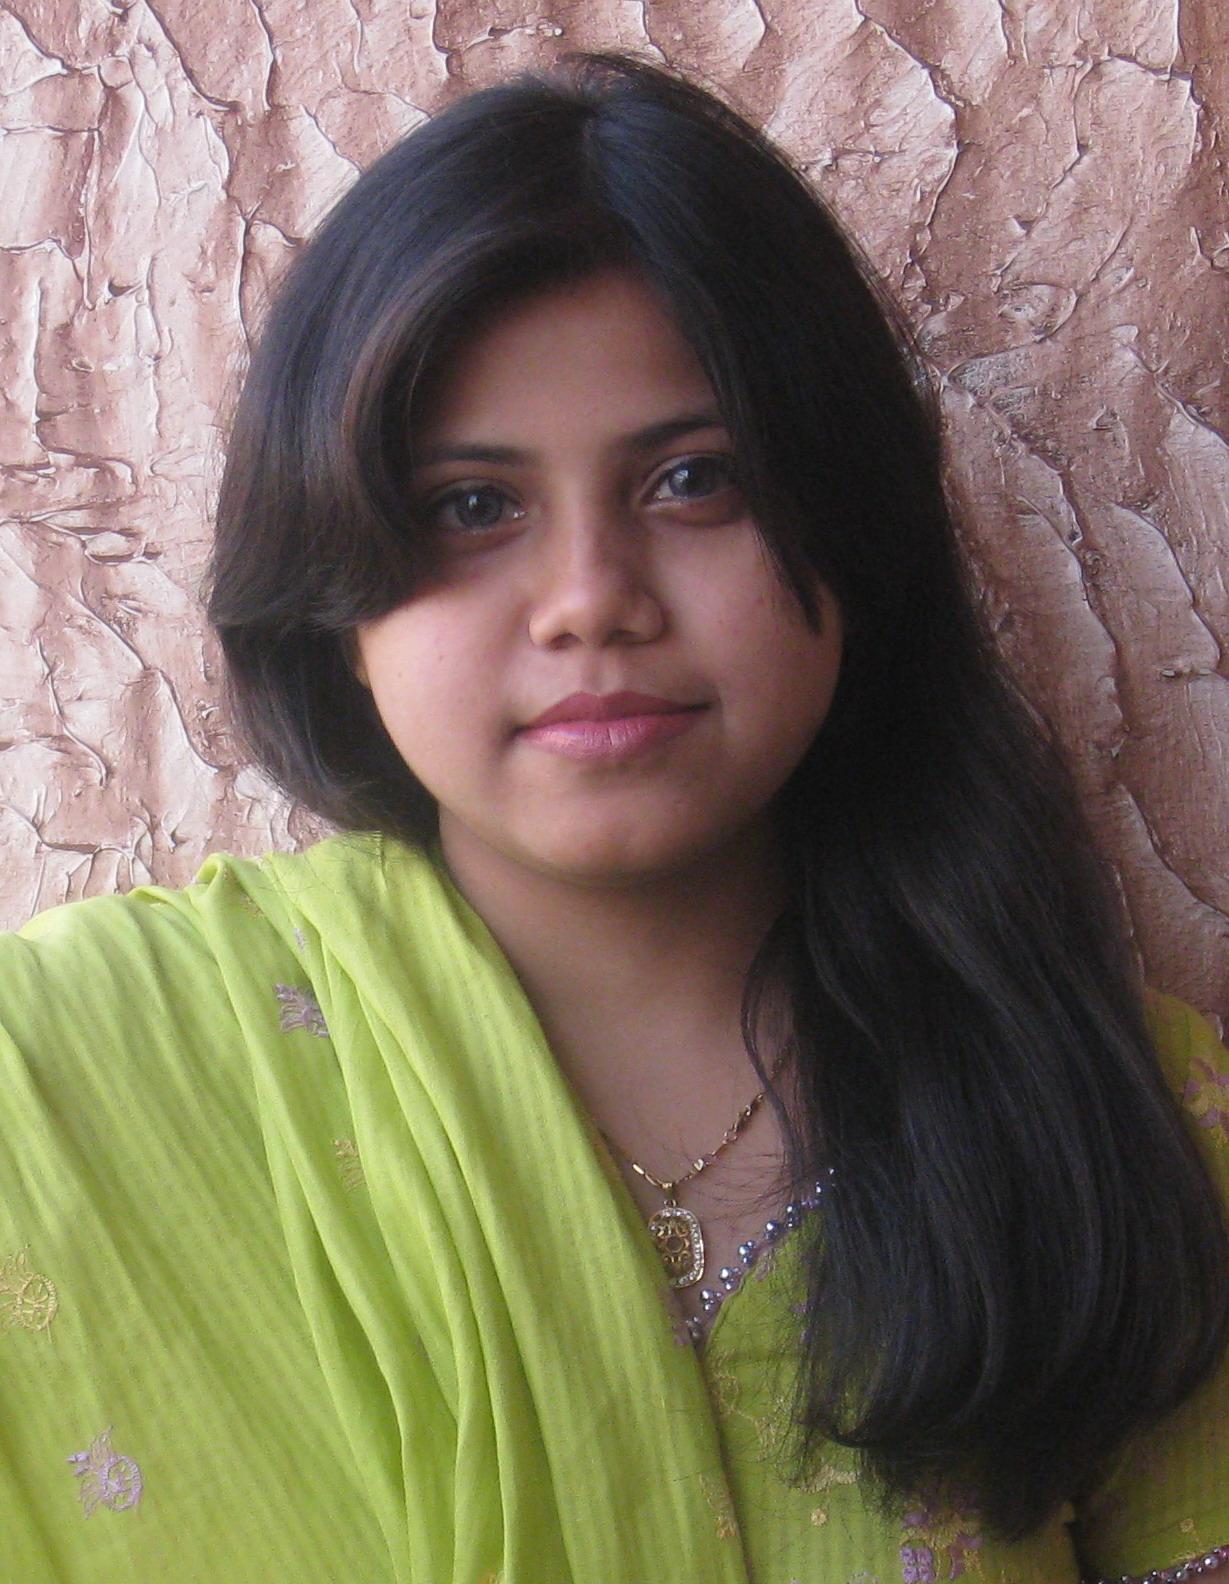 Women cute pakistani Cute Pakistani